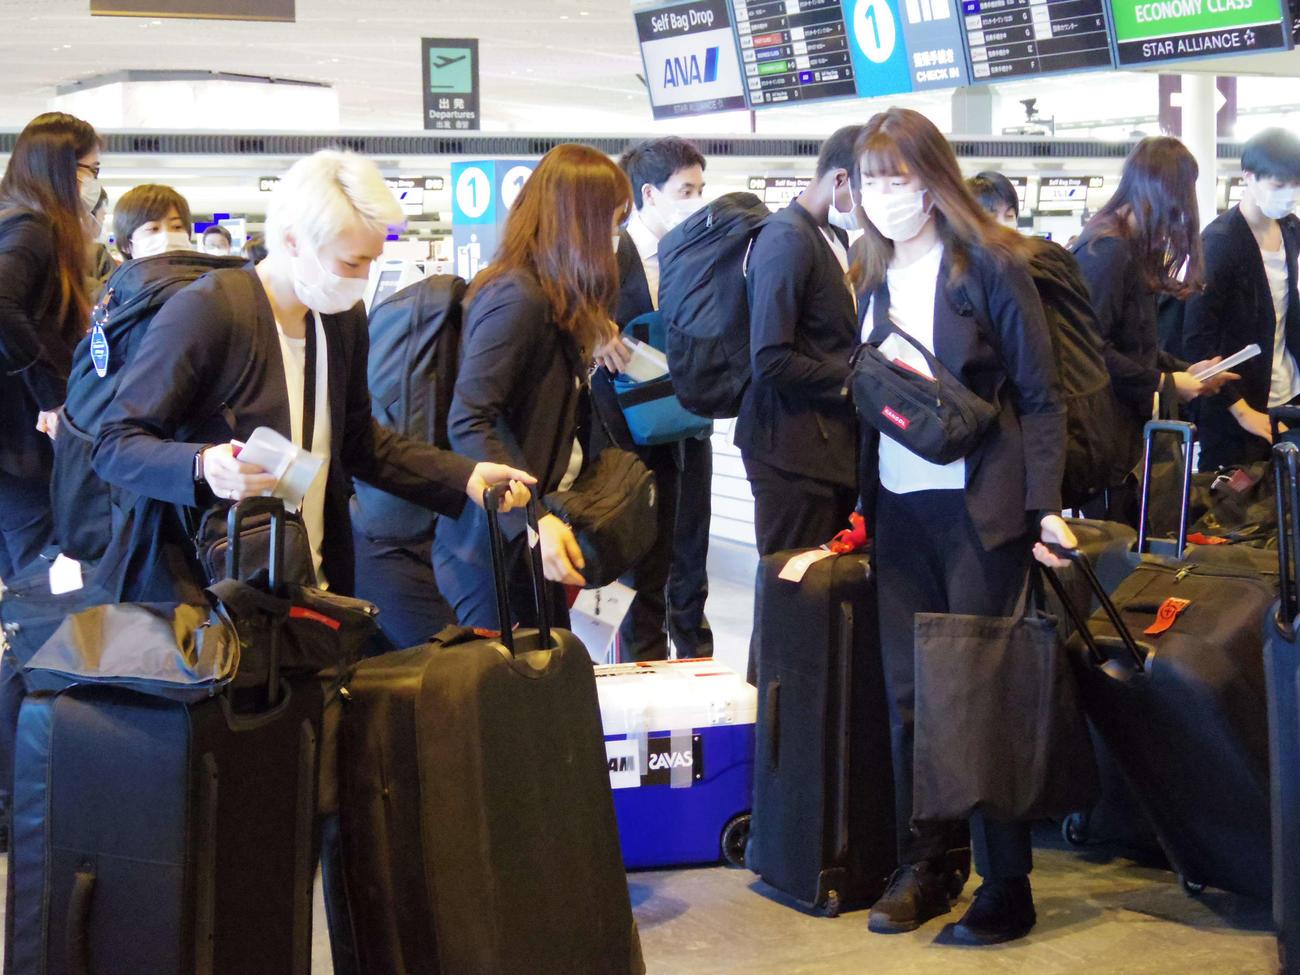 新型コロナウイルス対策として、マスクを徹底着用して成田空港で搭乗手続きを行った吉田(左手前)らバスケットボール女子日本代表チーム(撮影・奥岡幹浩)